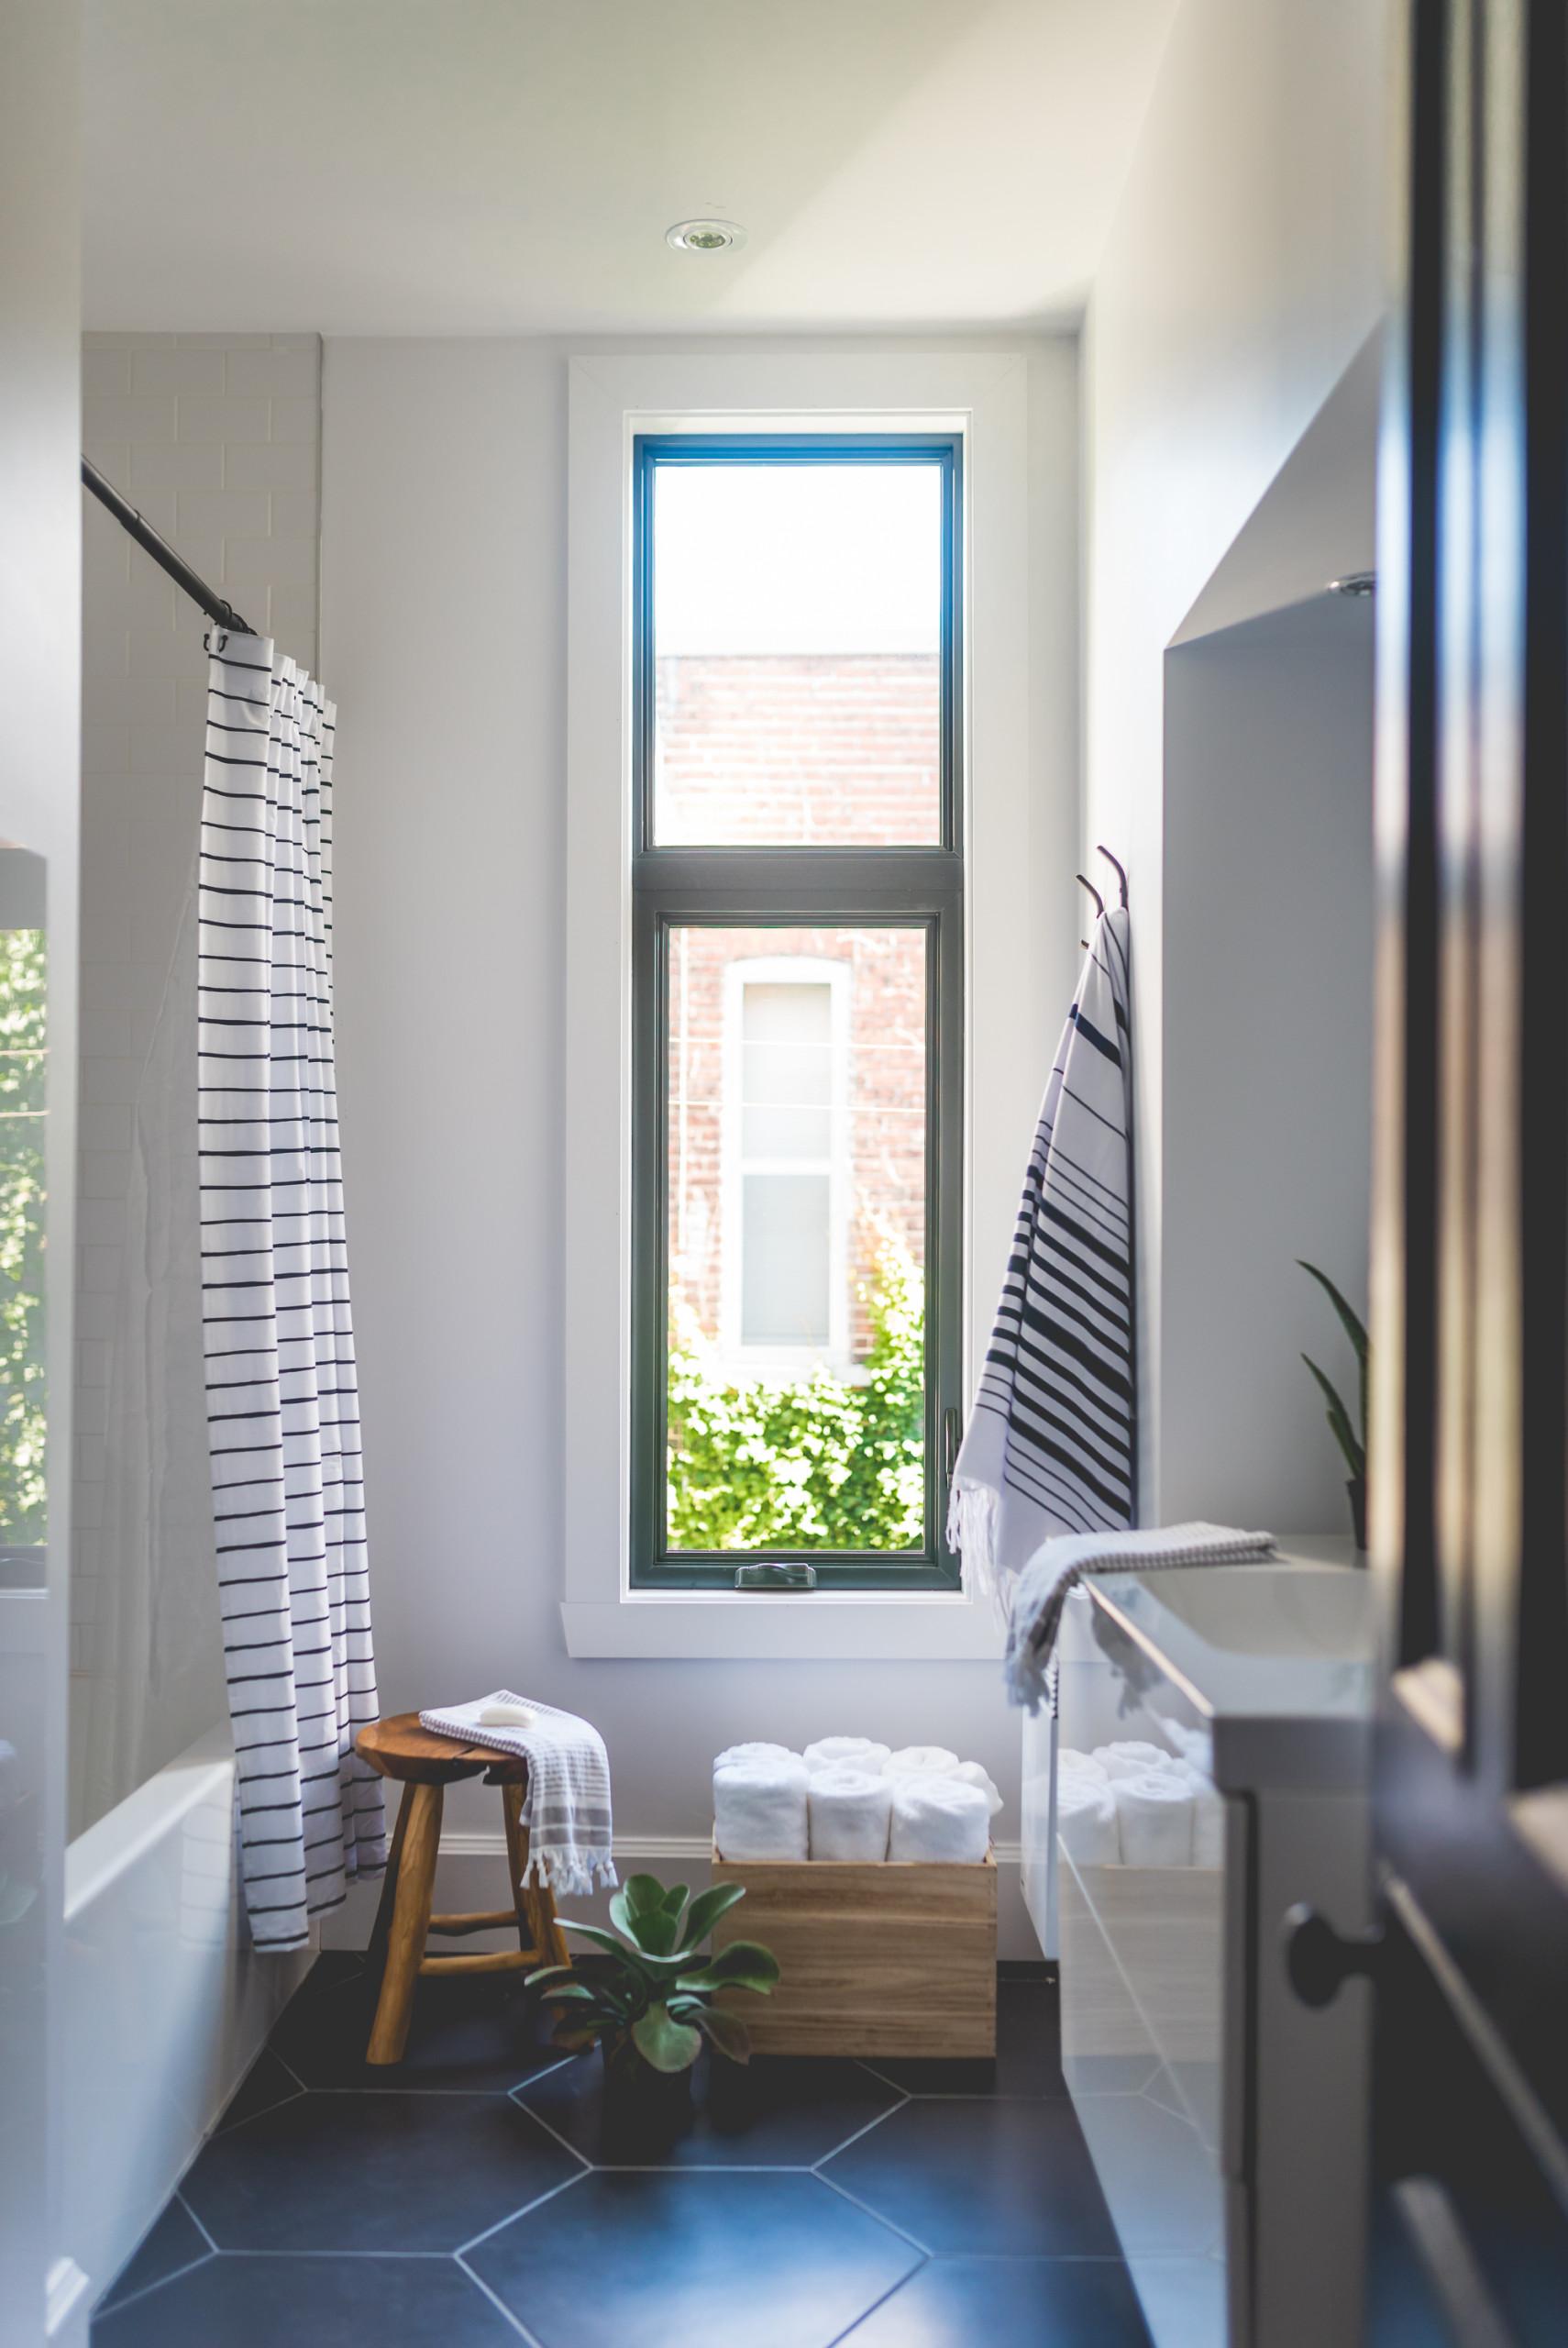 Stéphanie Fortier Design - Salle de bain blanche